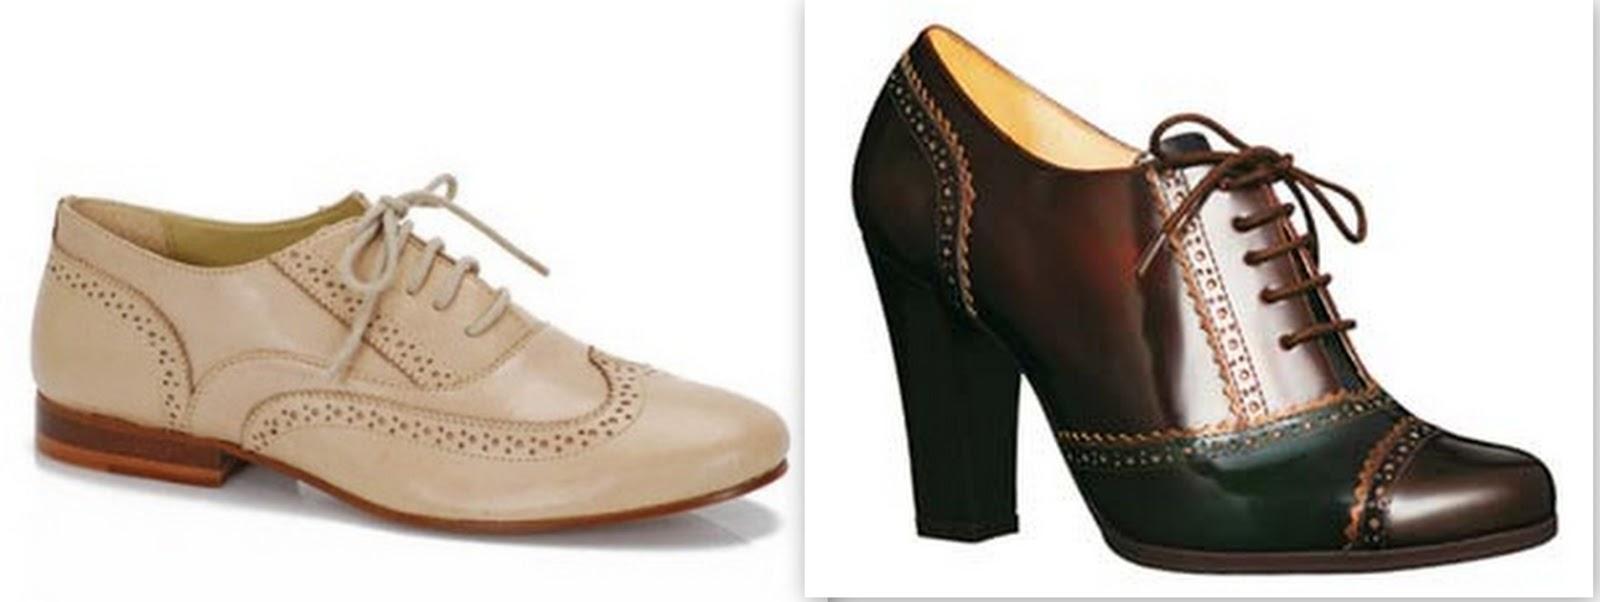 d2df4ffffe Este modelo de calçado recebeu tal nome justamente por ser muito utilizado  entre os estudantes na universidade de Oxford